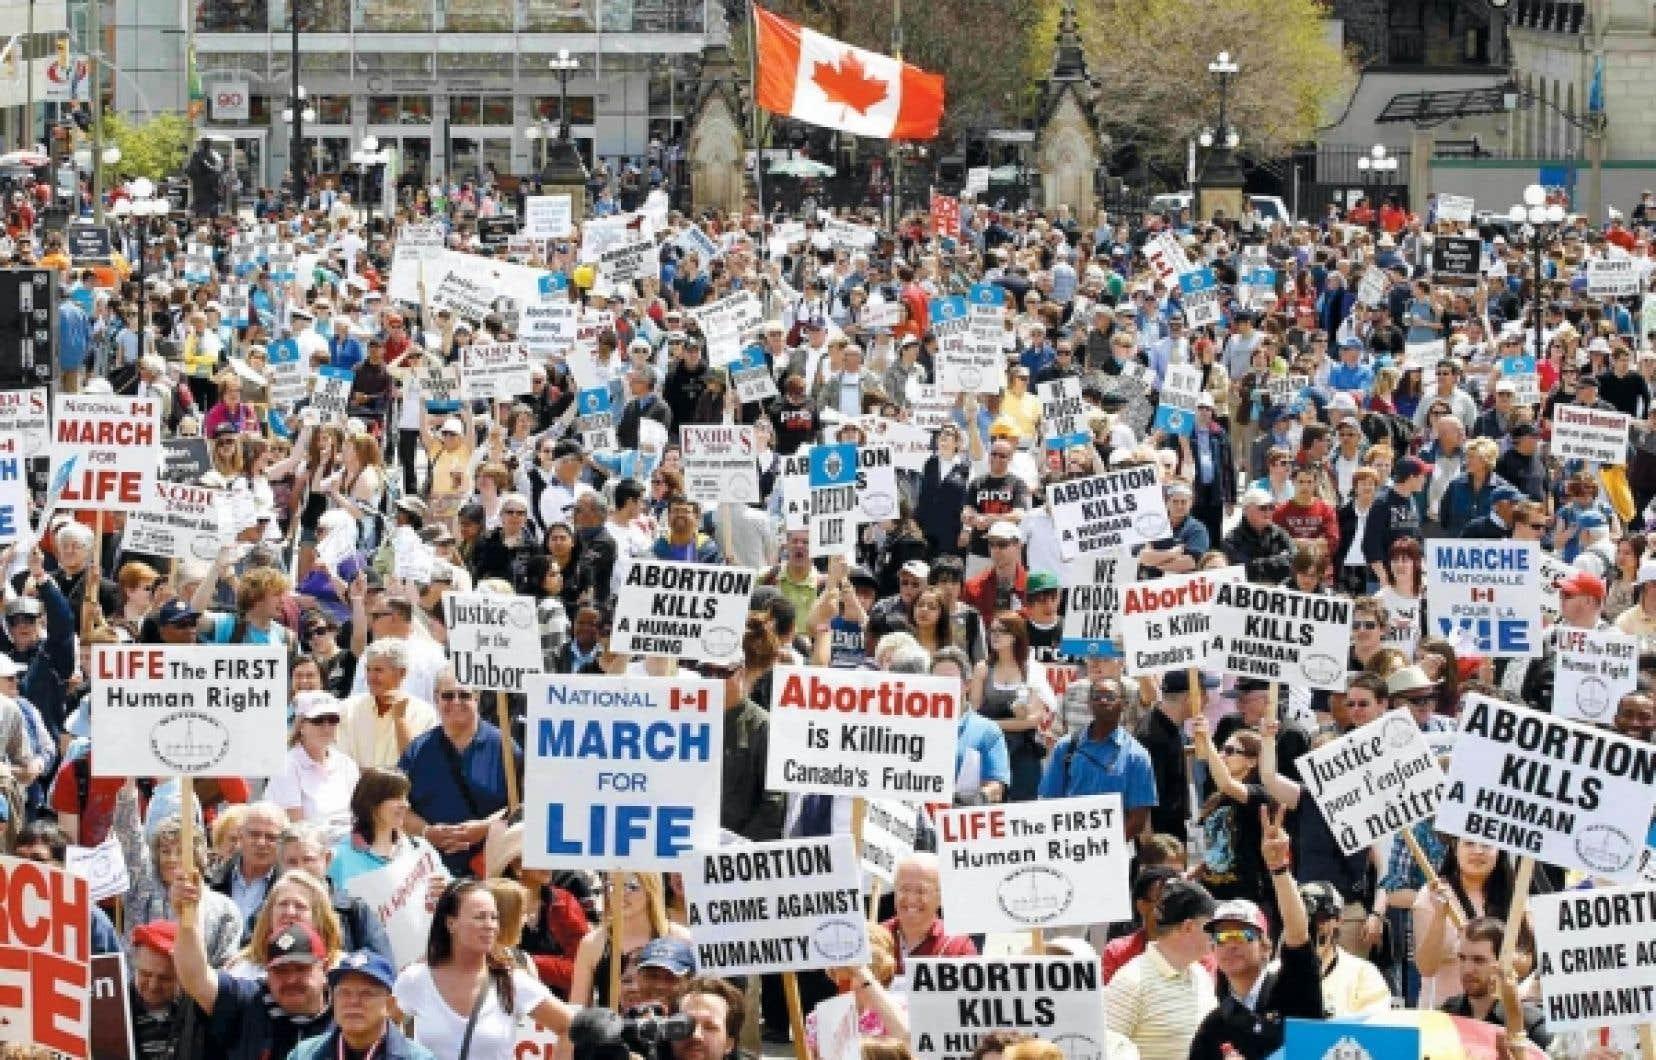 Manifestation «pro-vie» sur la colline parlementaire à Ottawa le 12 mai dernier. L'archevêque d'Ottawa, Mgr Terrence Prendergast, vient d'inciter le personnel de Développement et Paix qui ne suivrait pas strictement l'enseignement de l'Église sur «la vie» à «s'en aller œuvrer ailleurs».<br />